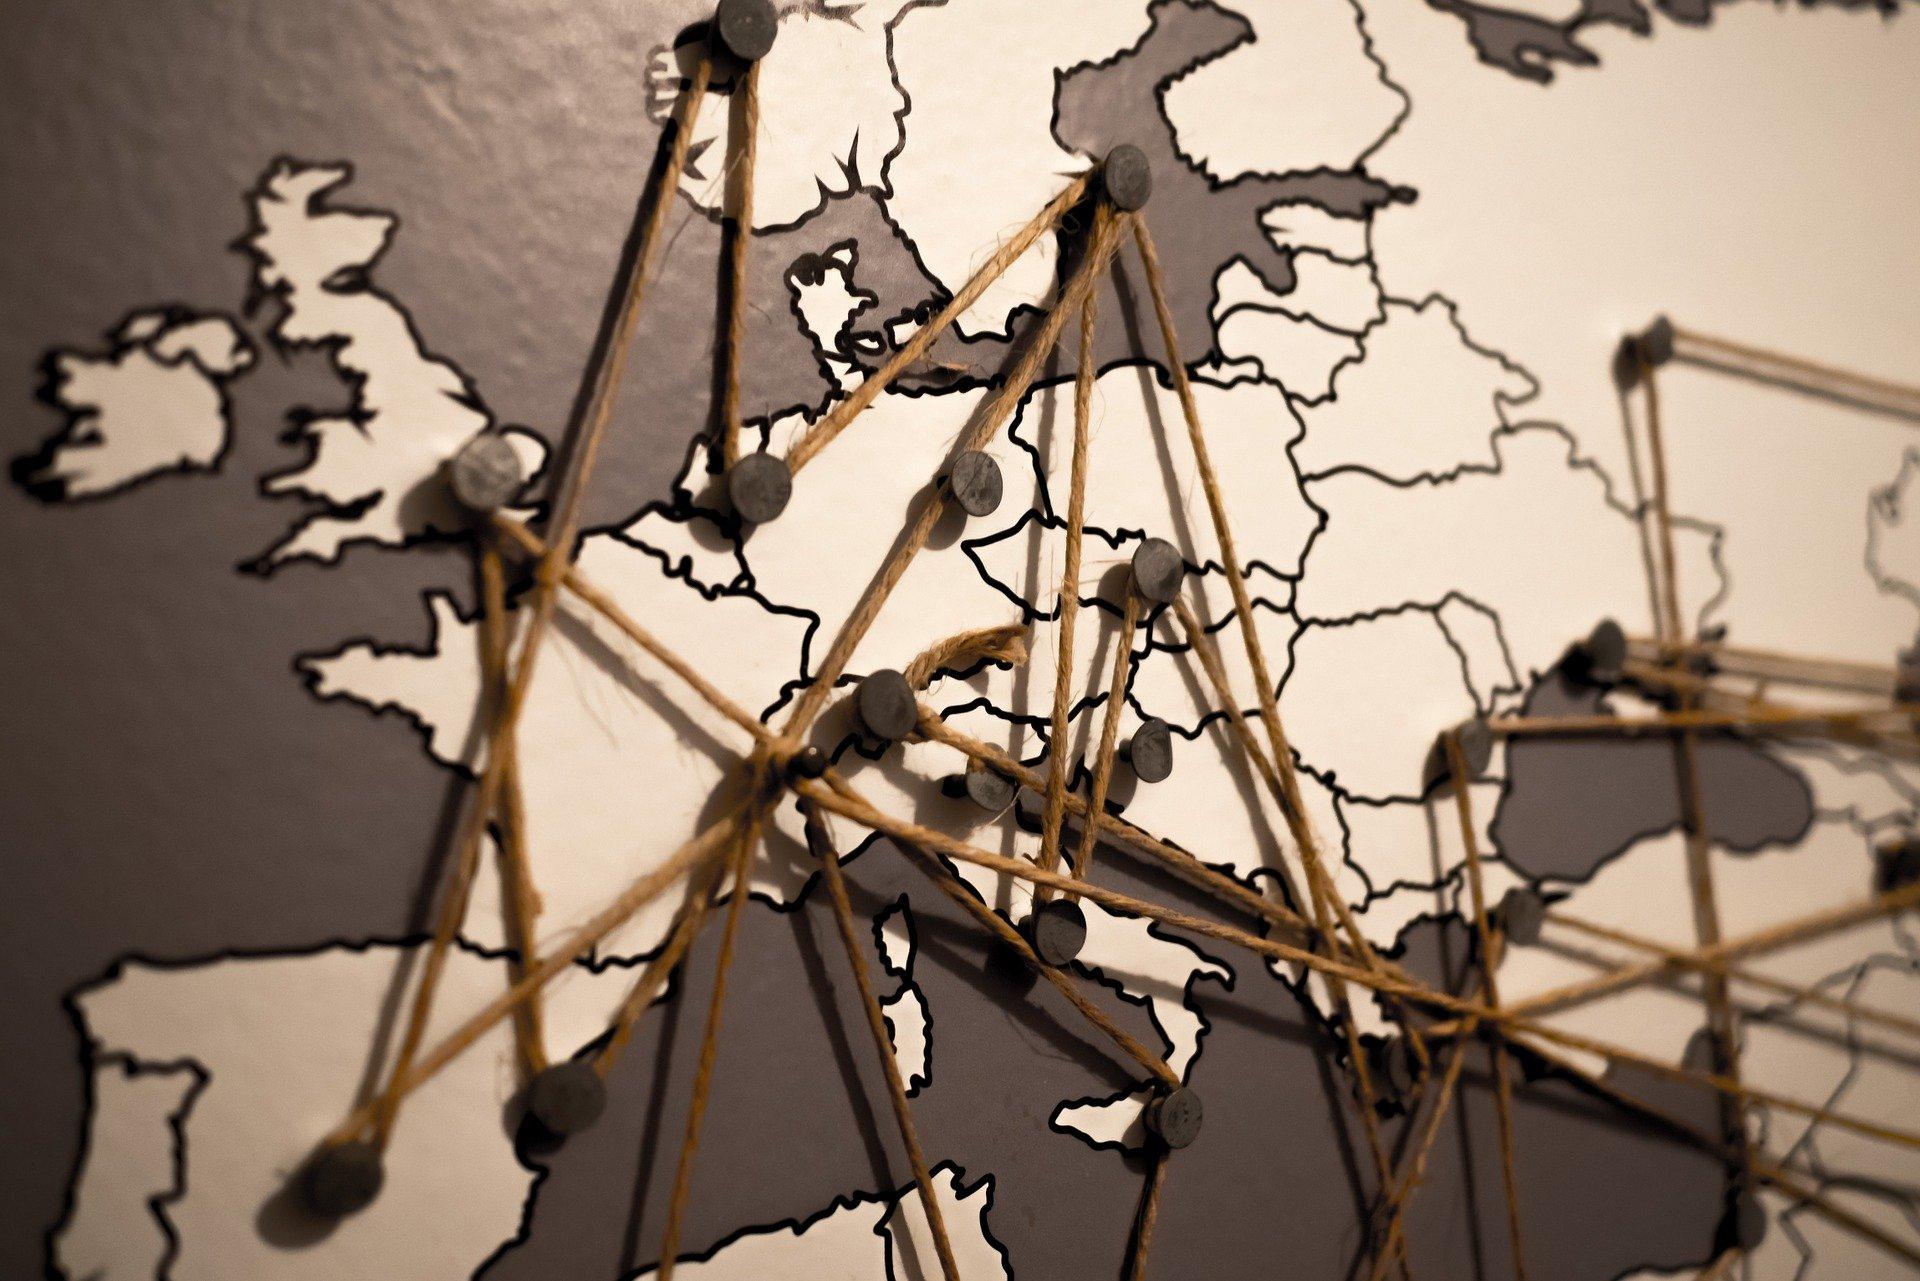 Co vás aktuálně čeká, pokud se chystáte cestovat po Evropě